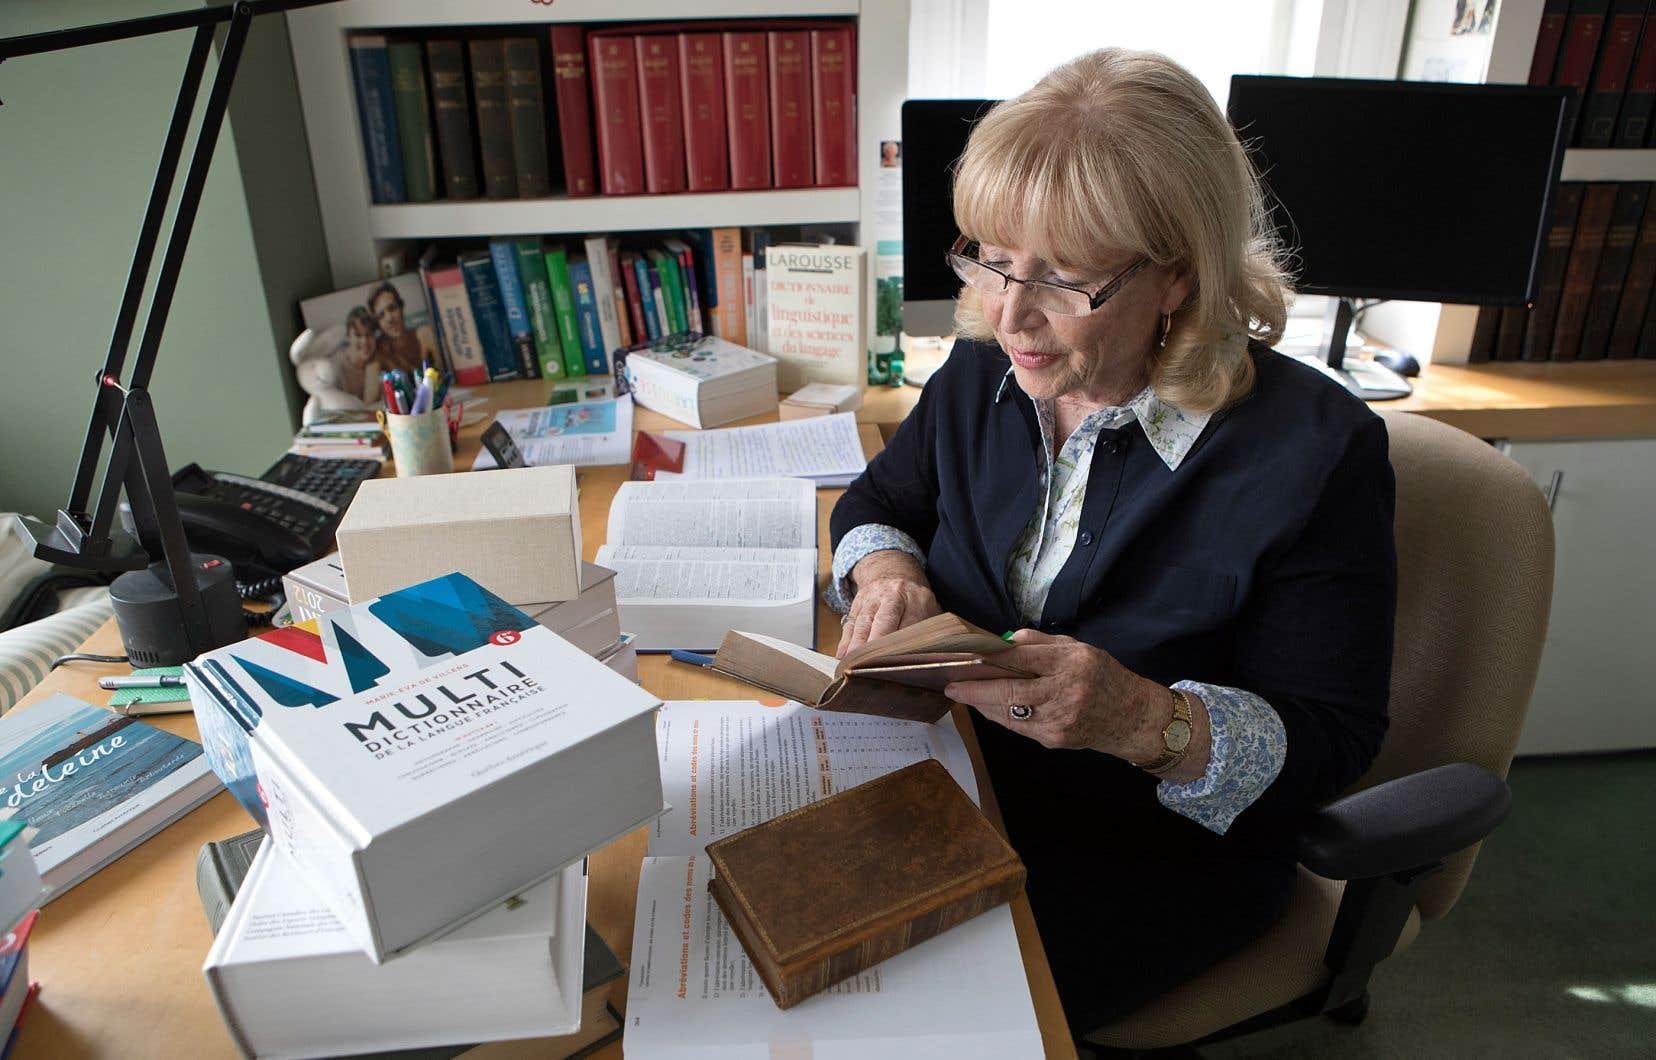 Pour Marie-Éva de Villers, auteure du «Multidictionnaire de la langue française», «il faut qu'il y ait un partage équitable des revenus entre les créateurs de contenu, les producteurs et les distributeurs» pour assurer la pérennité du dictionnaire.